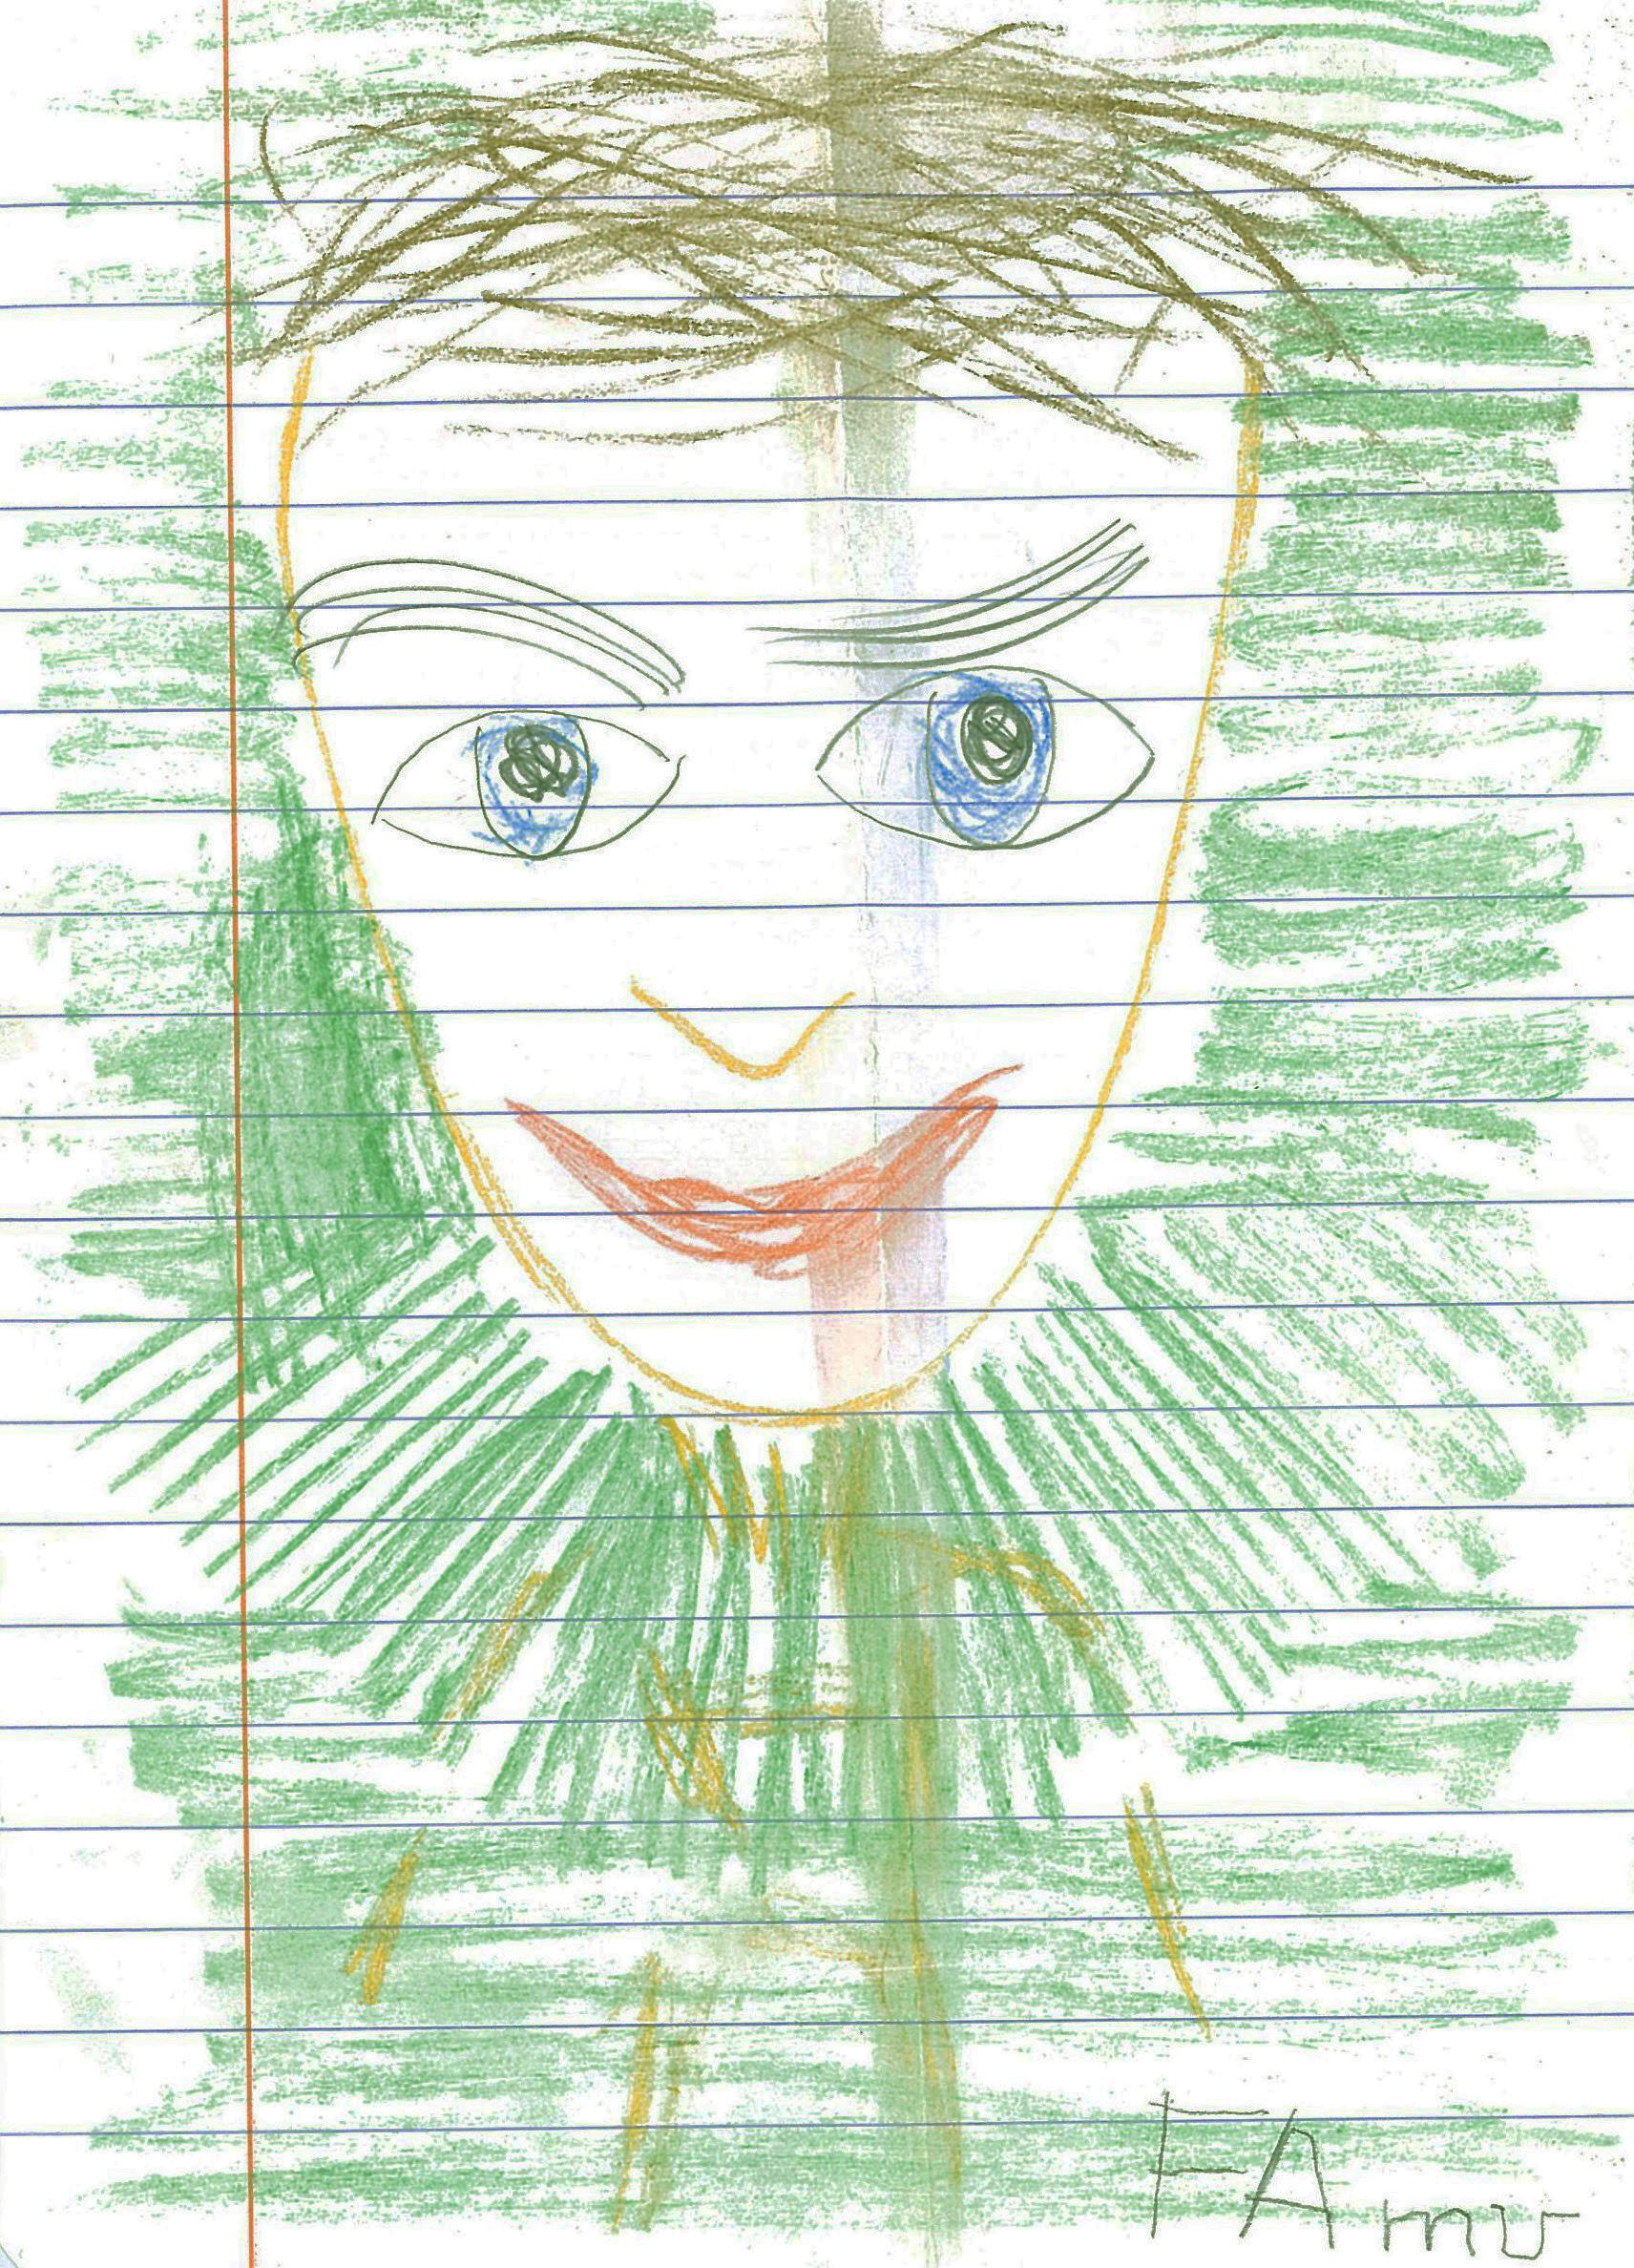 Faun (rysunek, kreda nakartce zzeszytu wlinie, 1993)